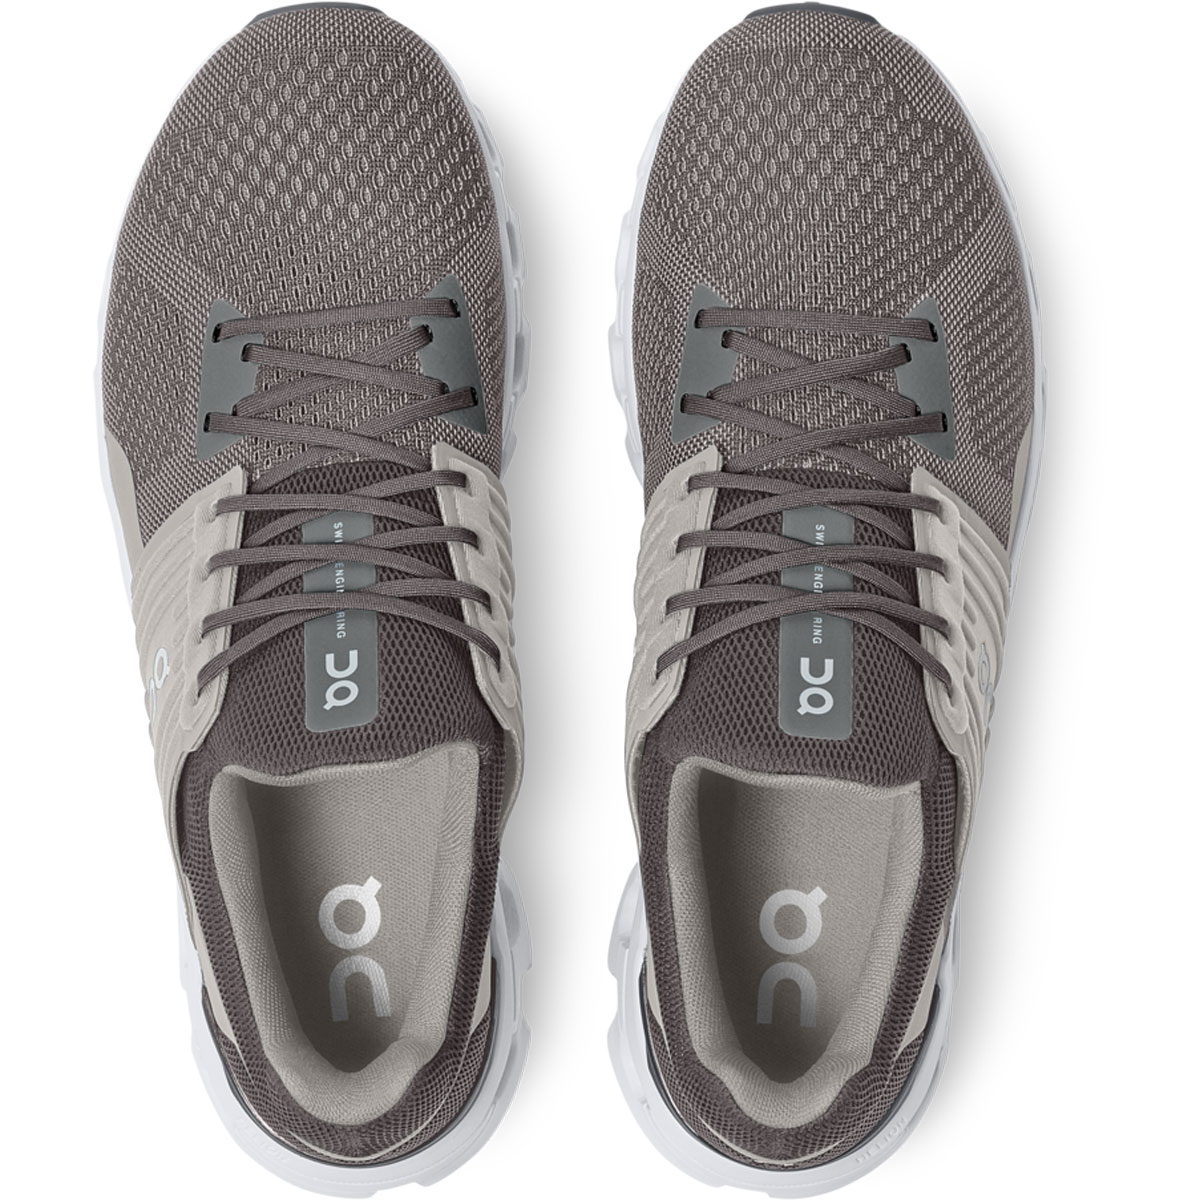 Men's On Cloudswift 2.0 Running Shoe - Color: Rock/Slate - Size: 7 - Width: Regular, Rock/Slate, large, image 4